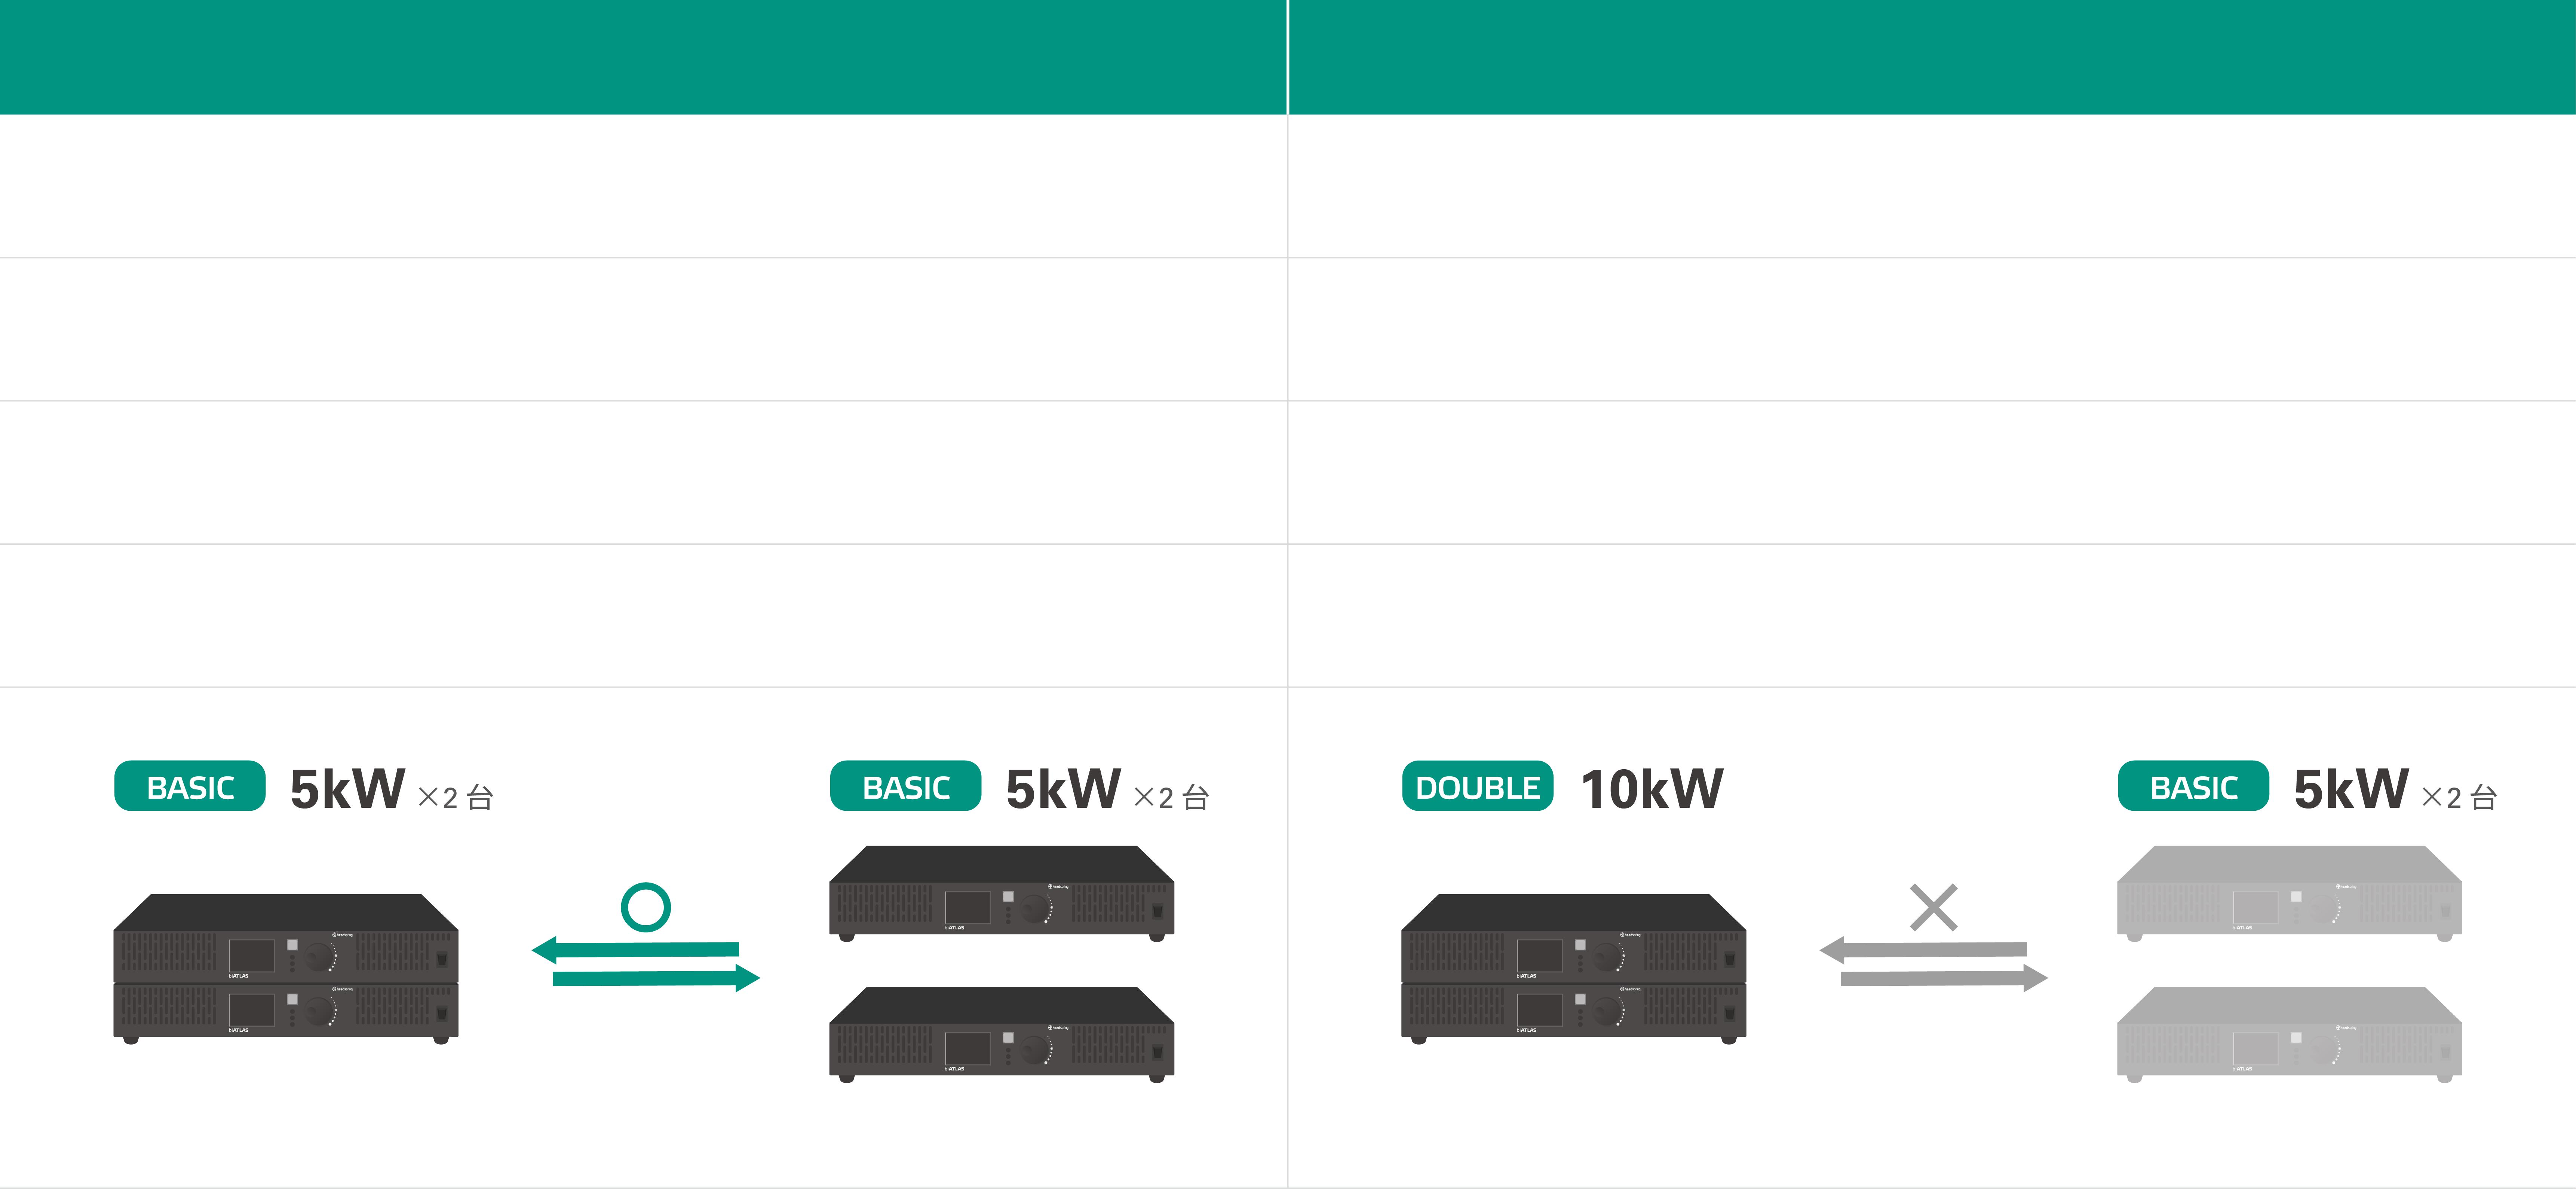 直流回生電源biATLAS-Dの単品製品とパッケージ製品との機能比較表